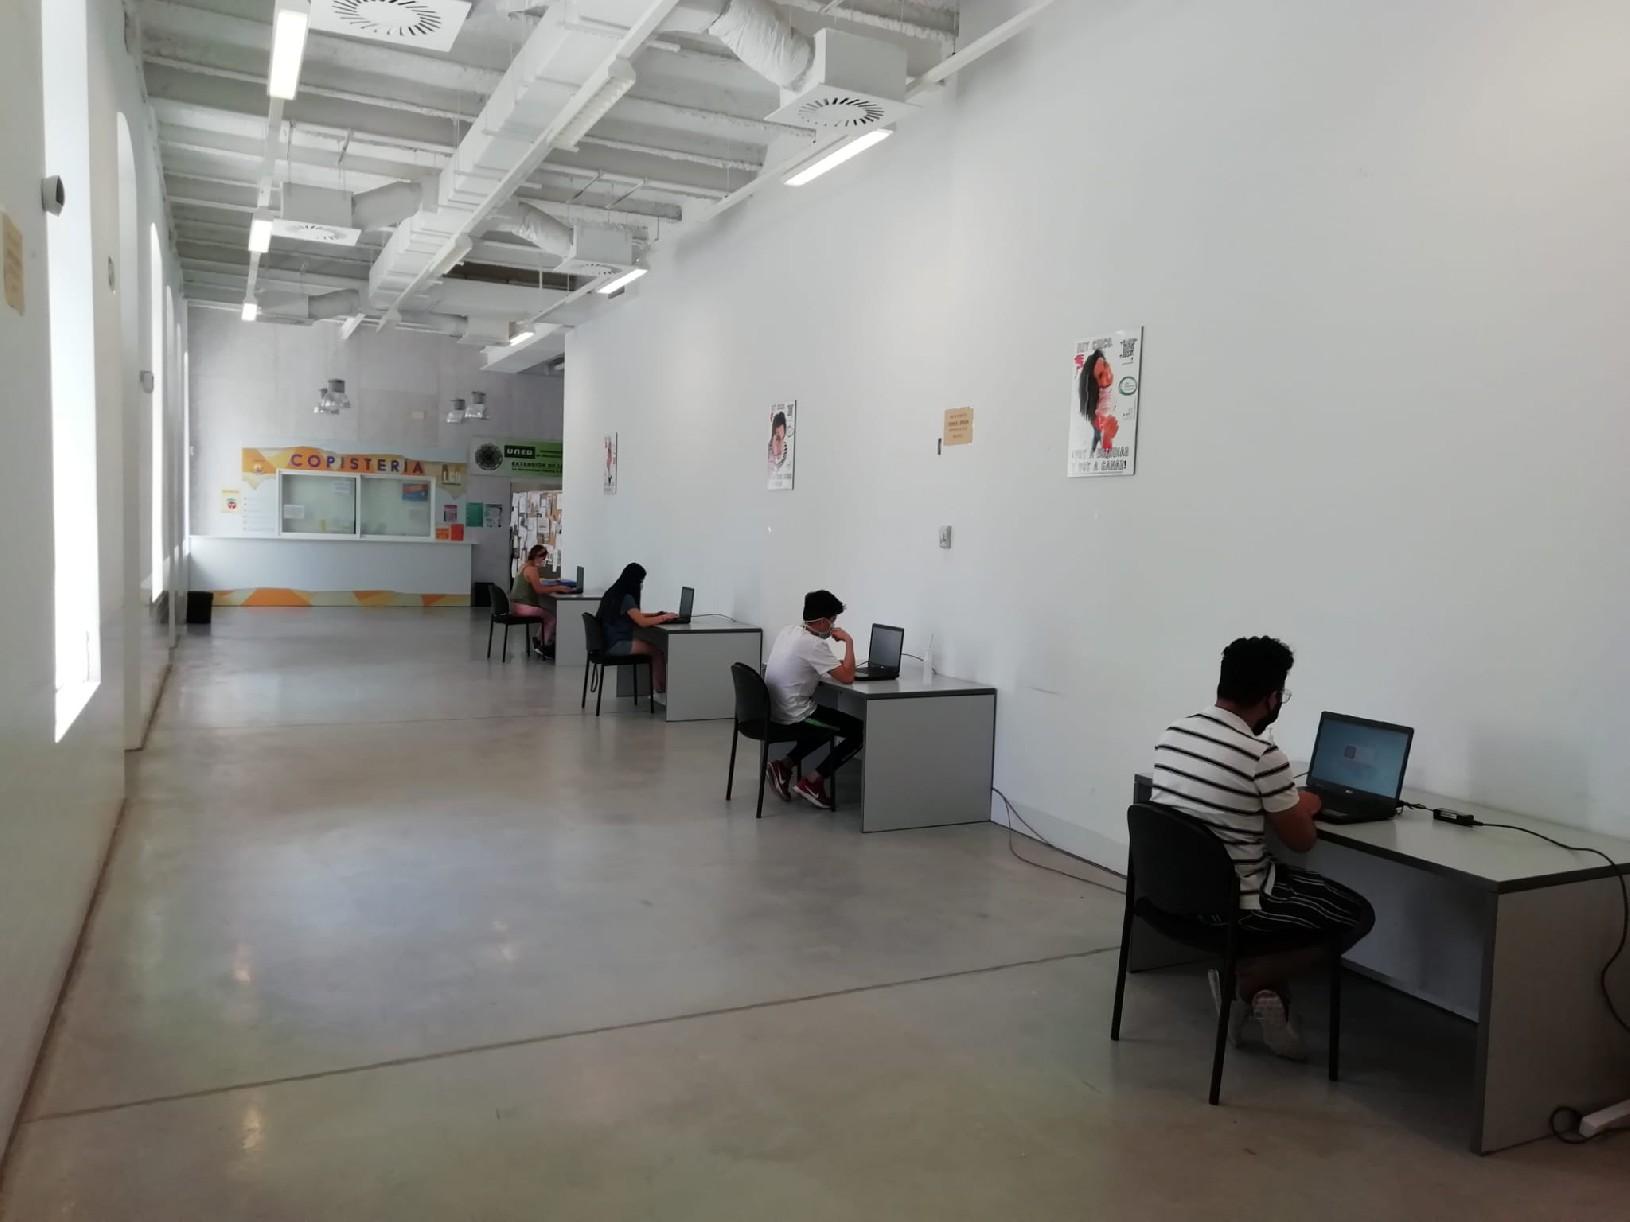 El Ayuntamiento facilita puntos de conexión a internet a todos los estudiantes del municipio que así lo necesiten